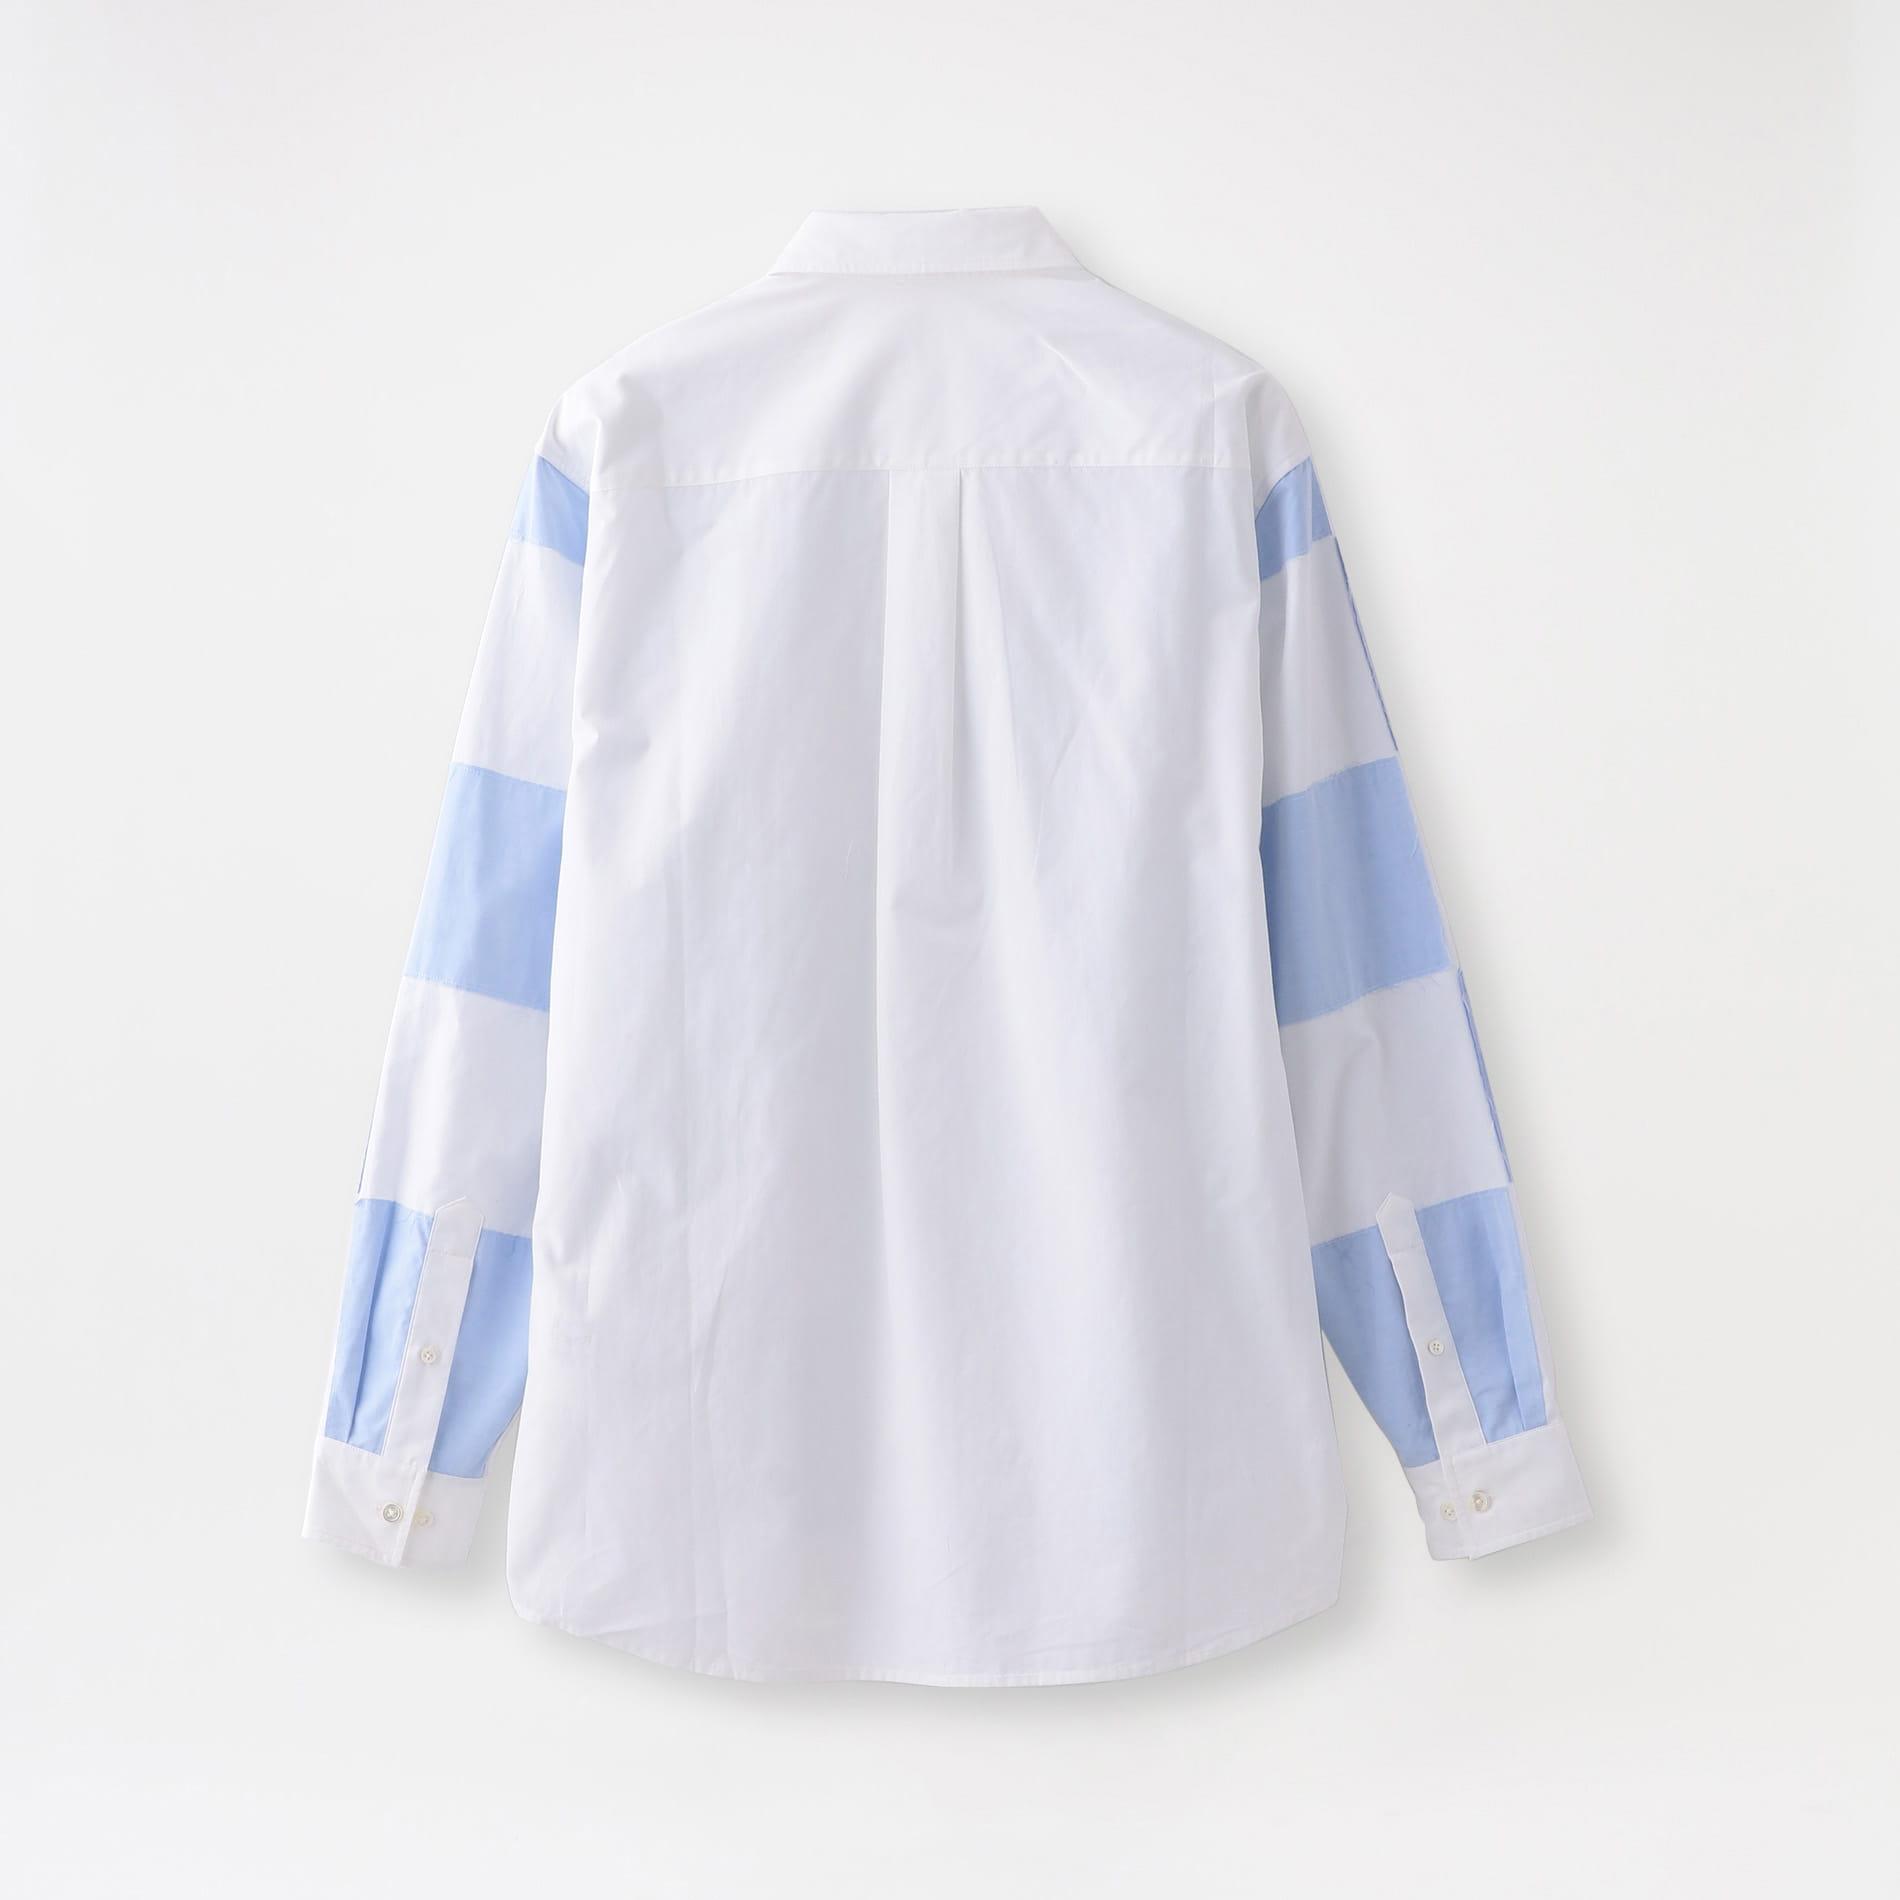 【JW ANDERSON】MEN シャツ CHECKERBOARD APPLIQUE SHIRT SH0077-PG0481